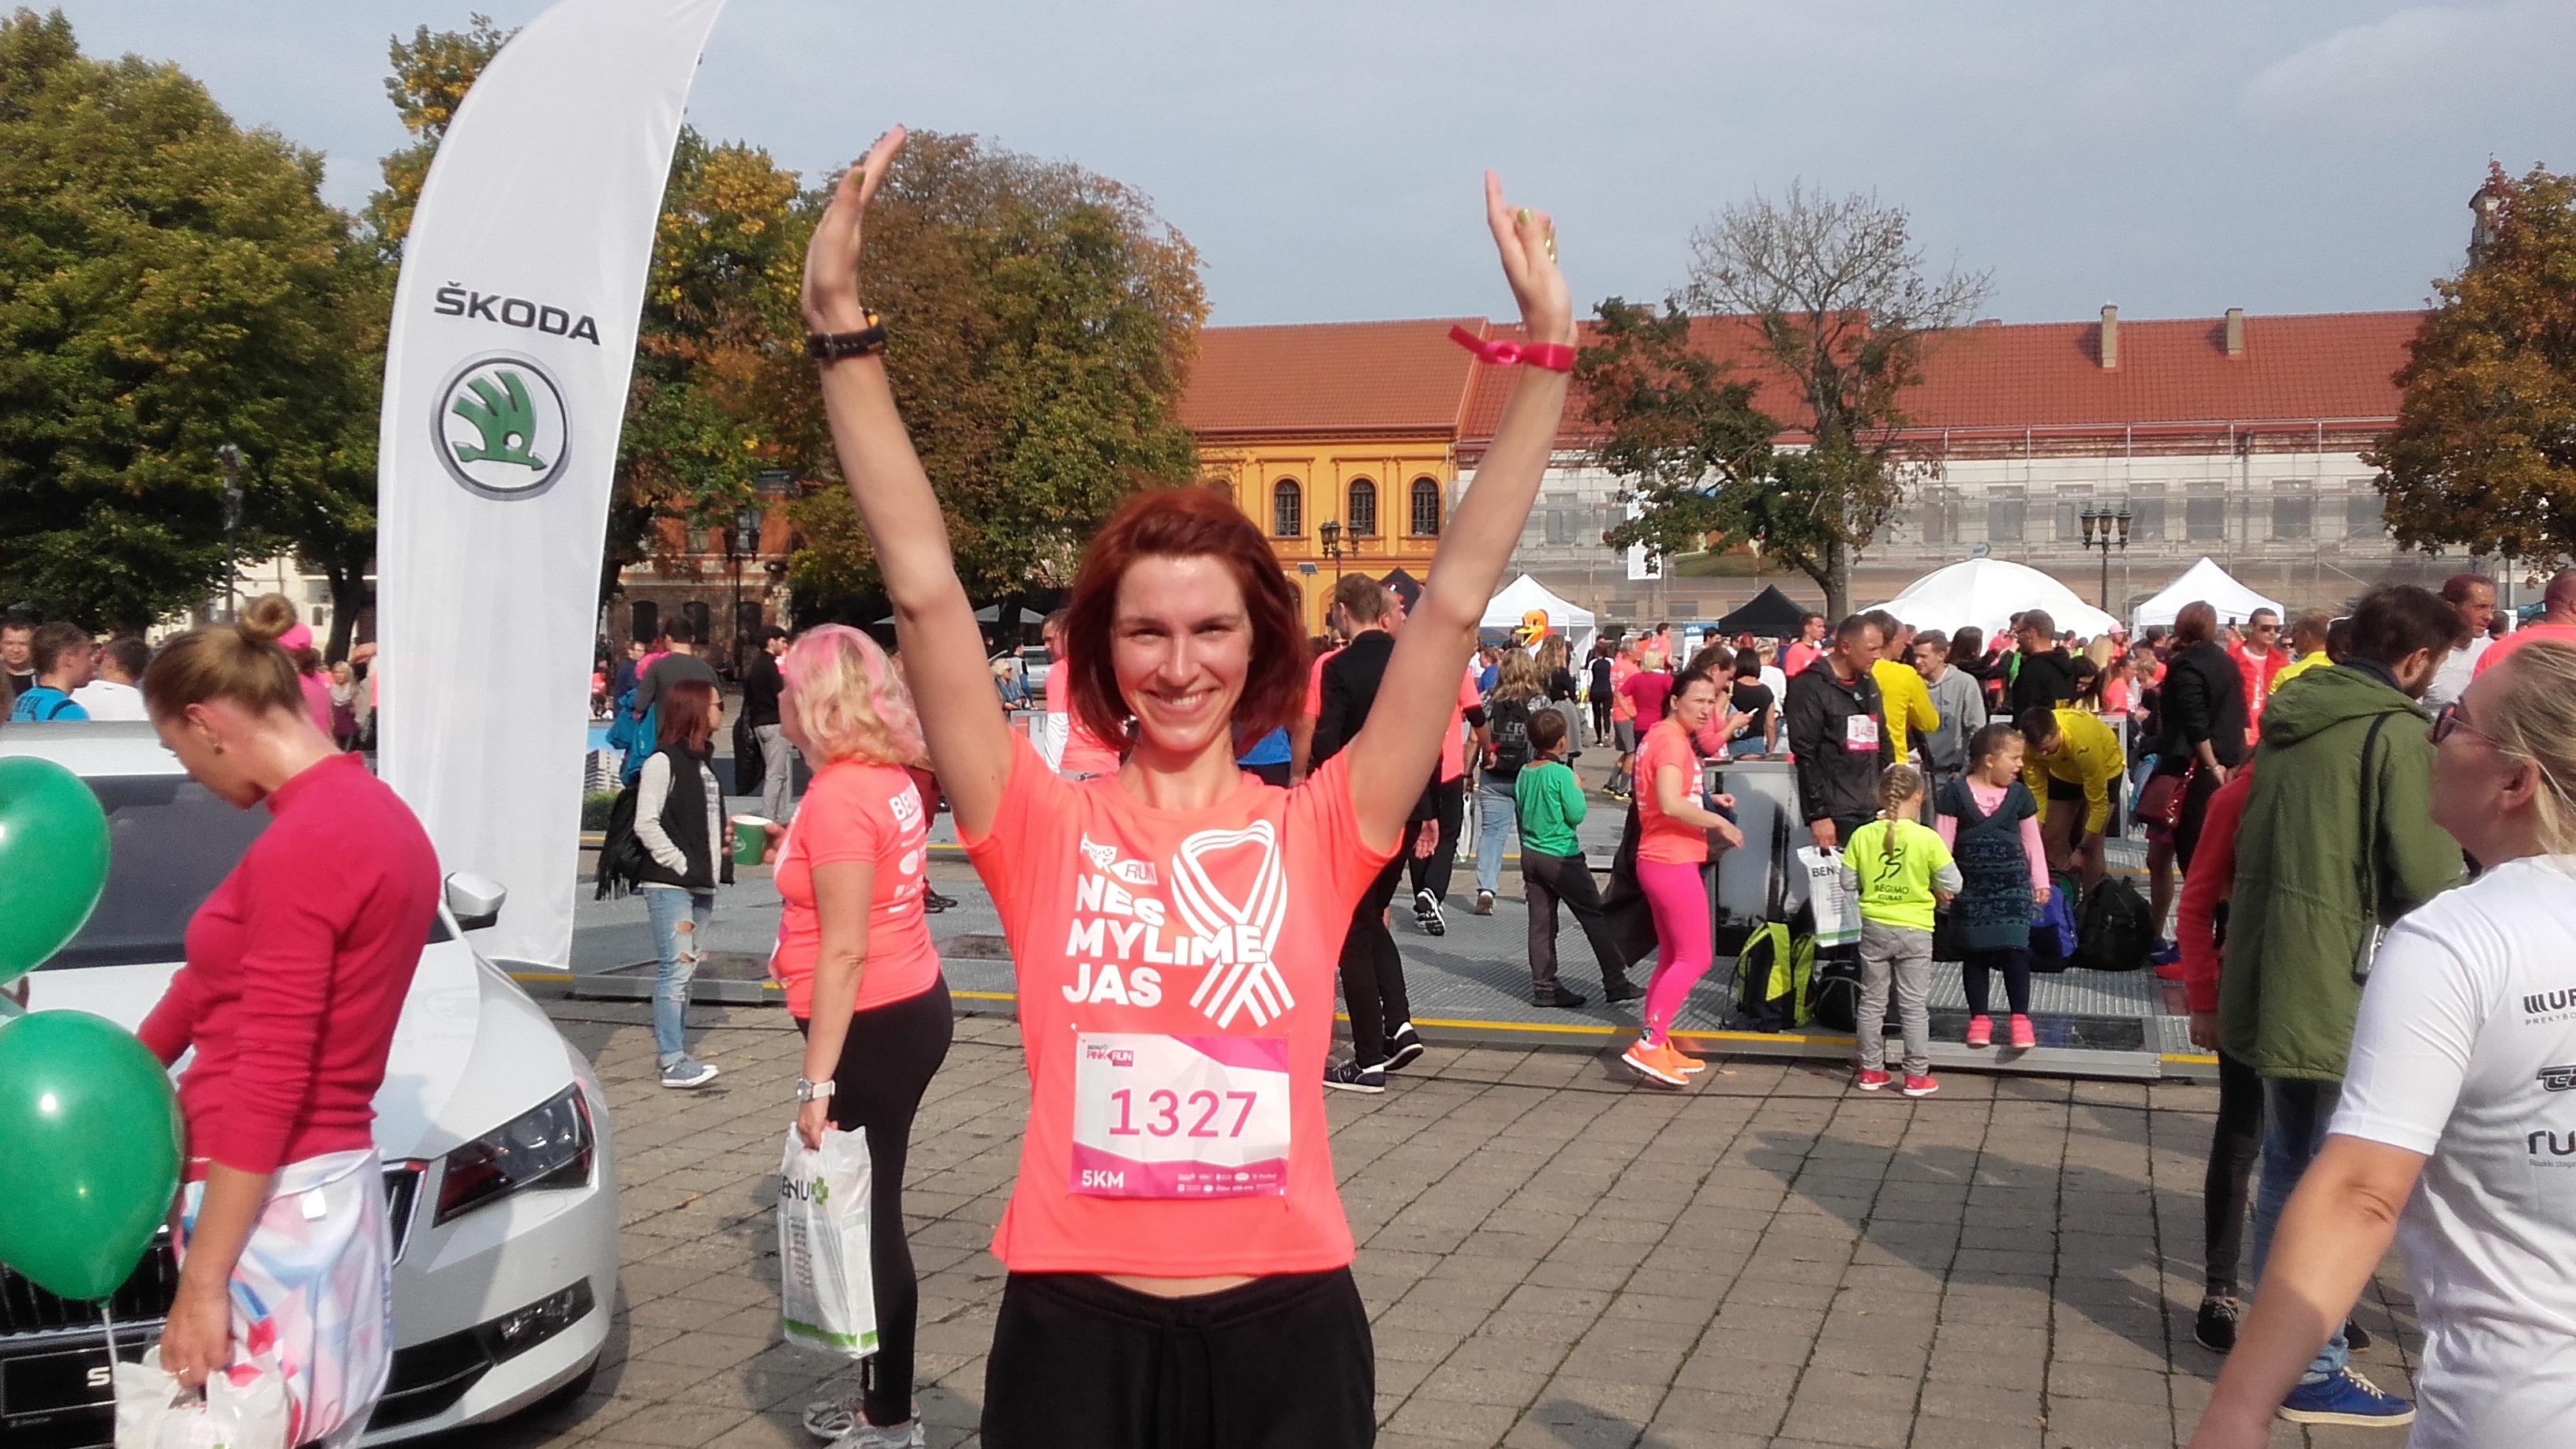 Moments of PinkRun 2016 in Kaunas